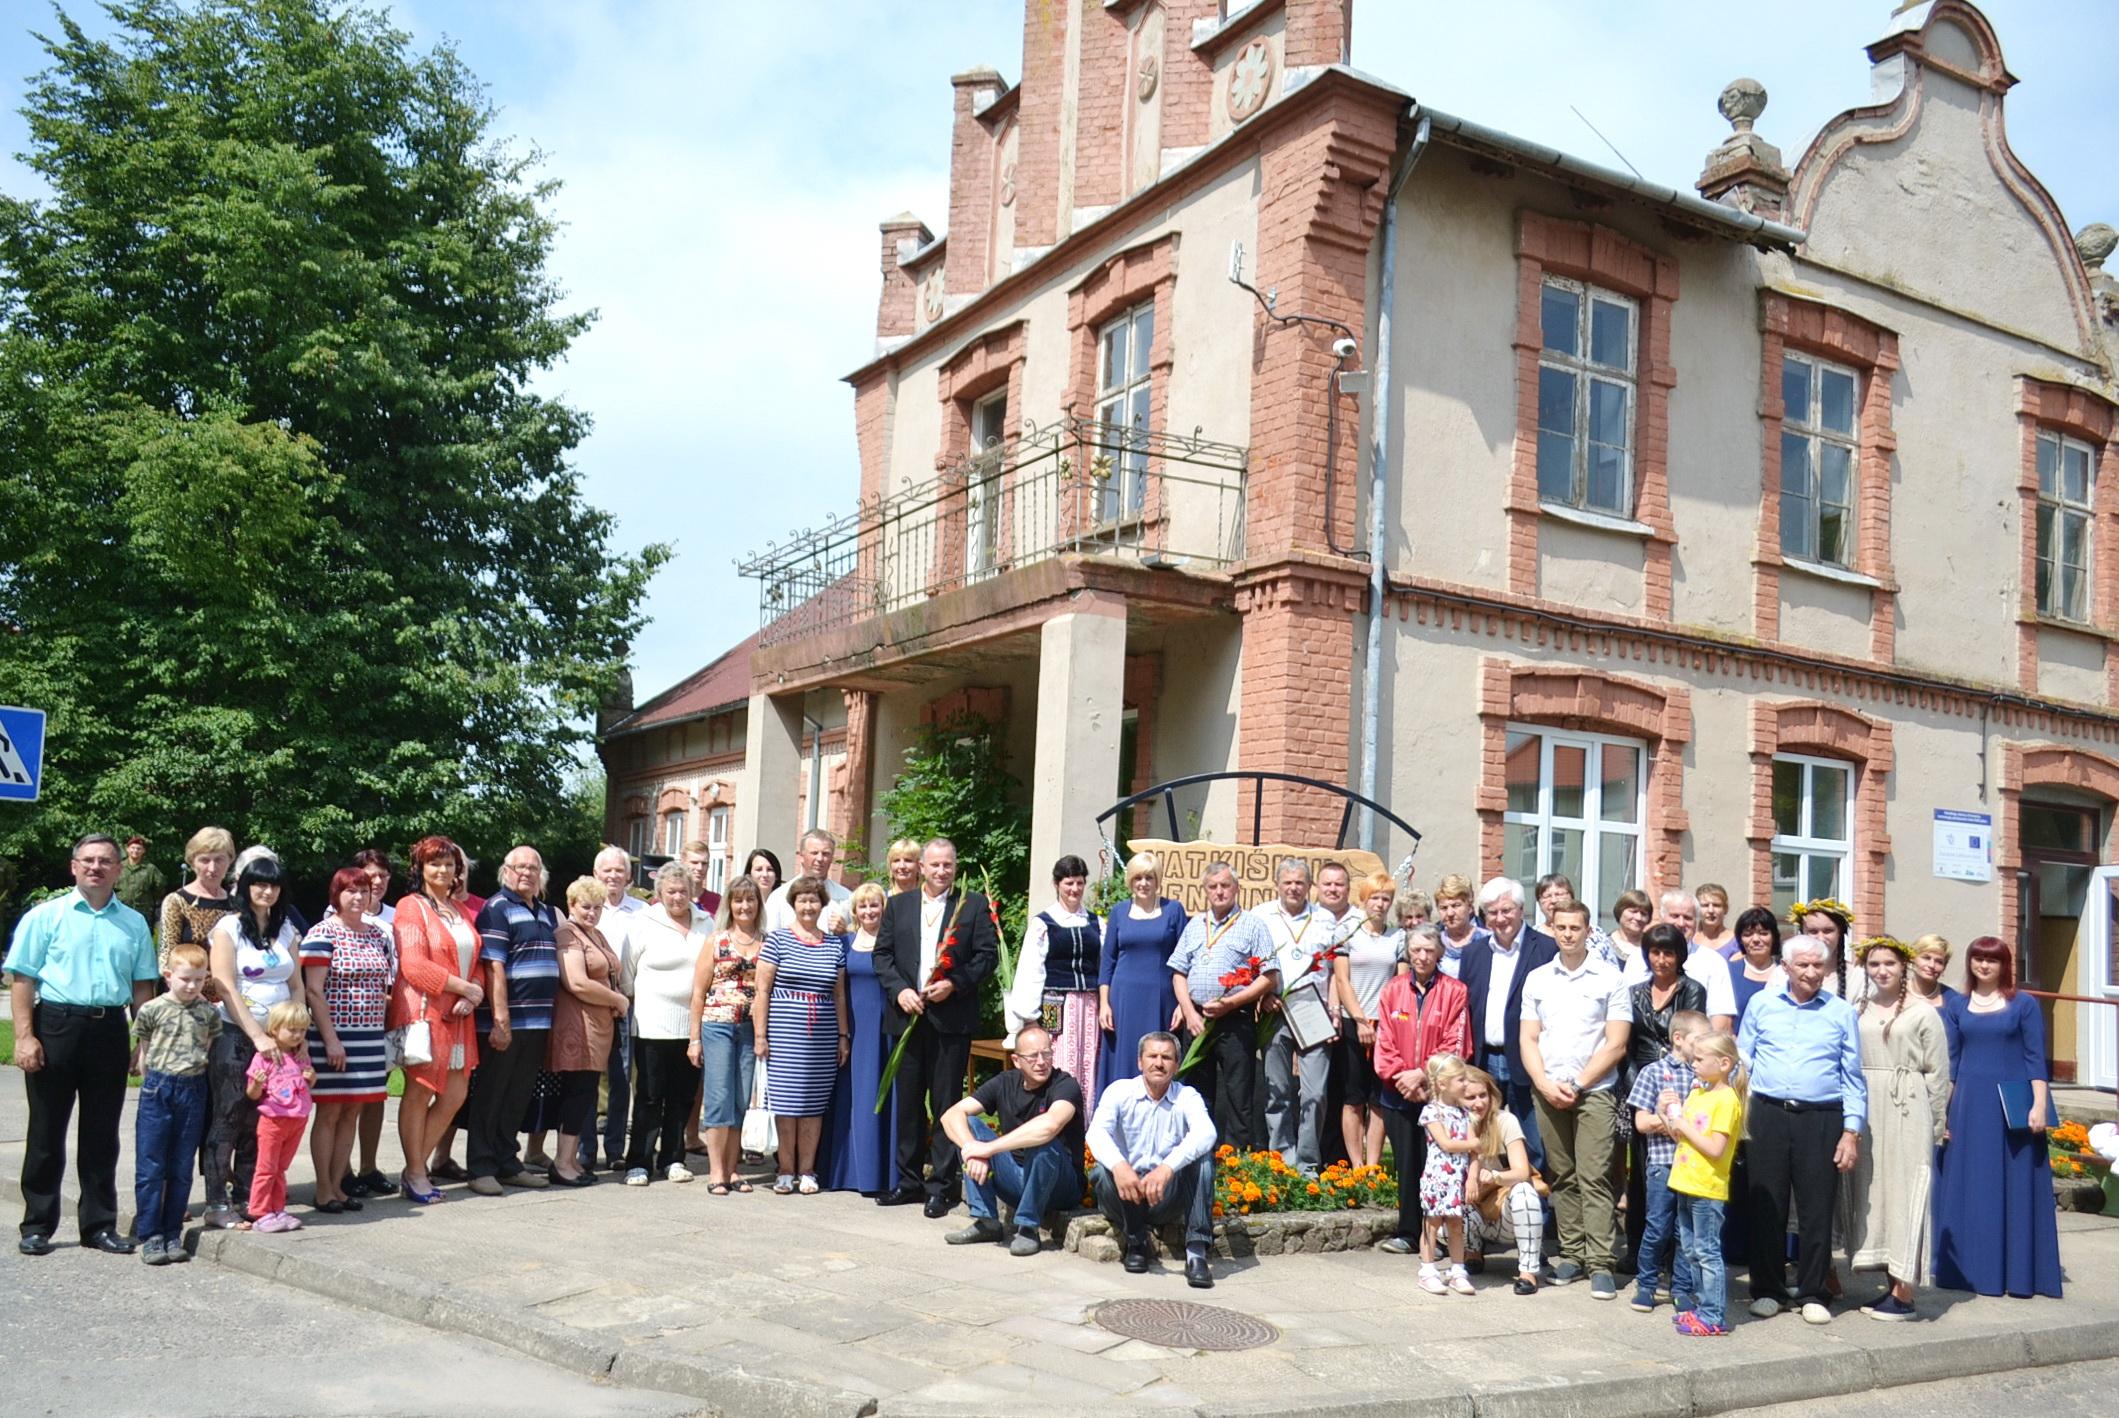 Bendra susirinkusiųjų nuotrauka minint Natkiškių seniūnijos 15-metį.